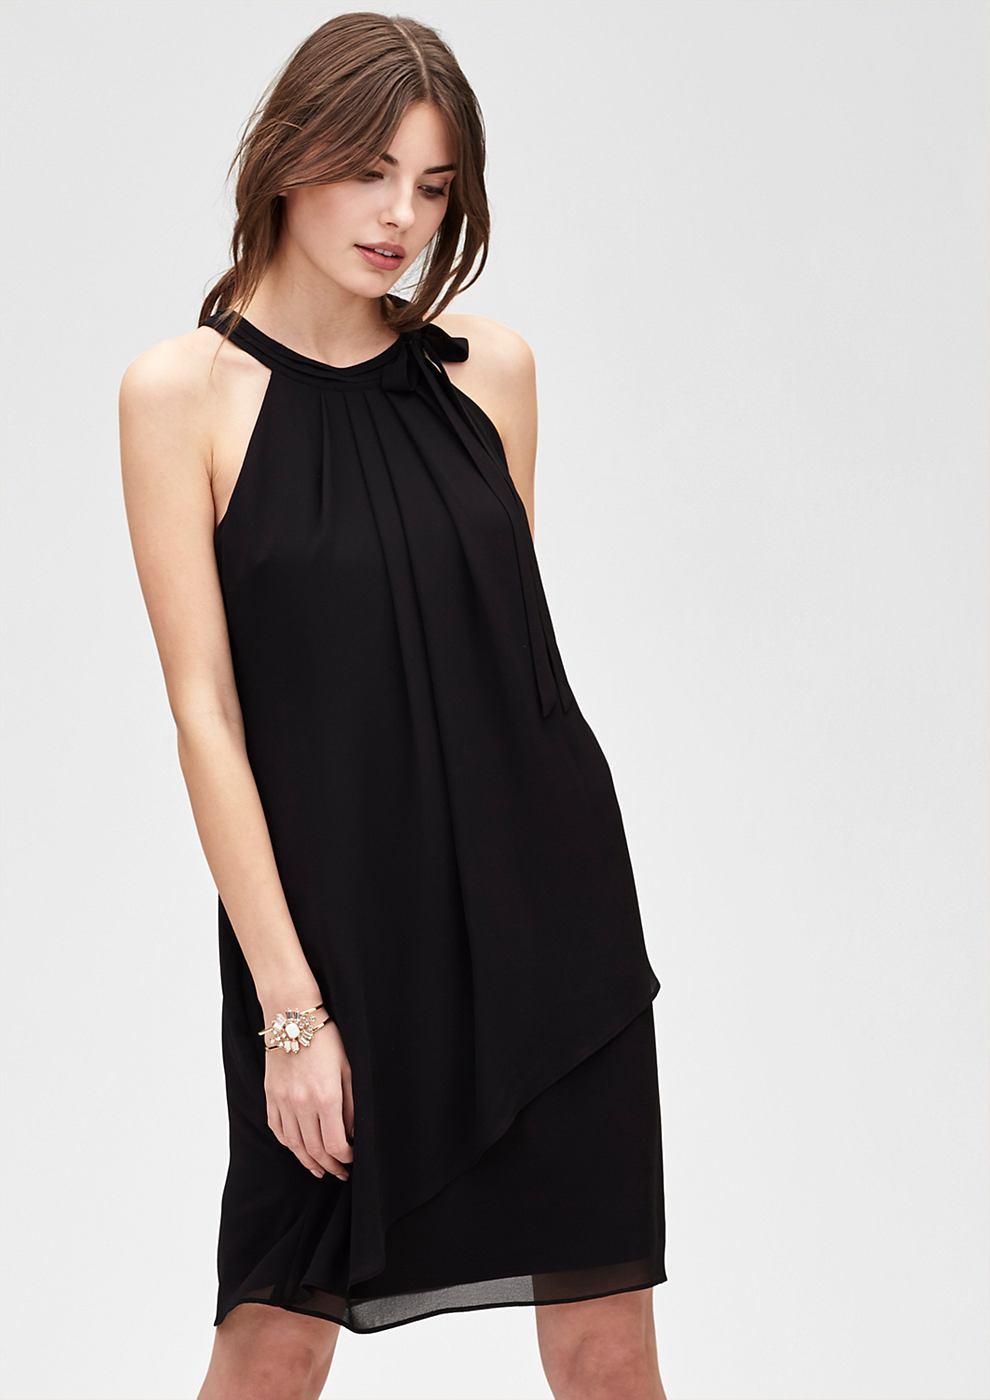 s.Oliver Premium Zwierige chiffon jurk zwart